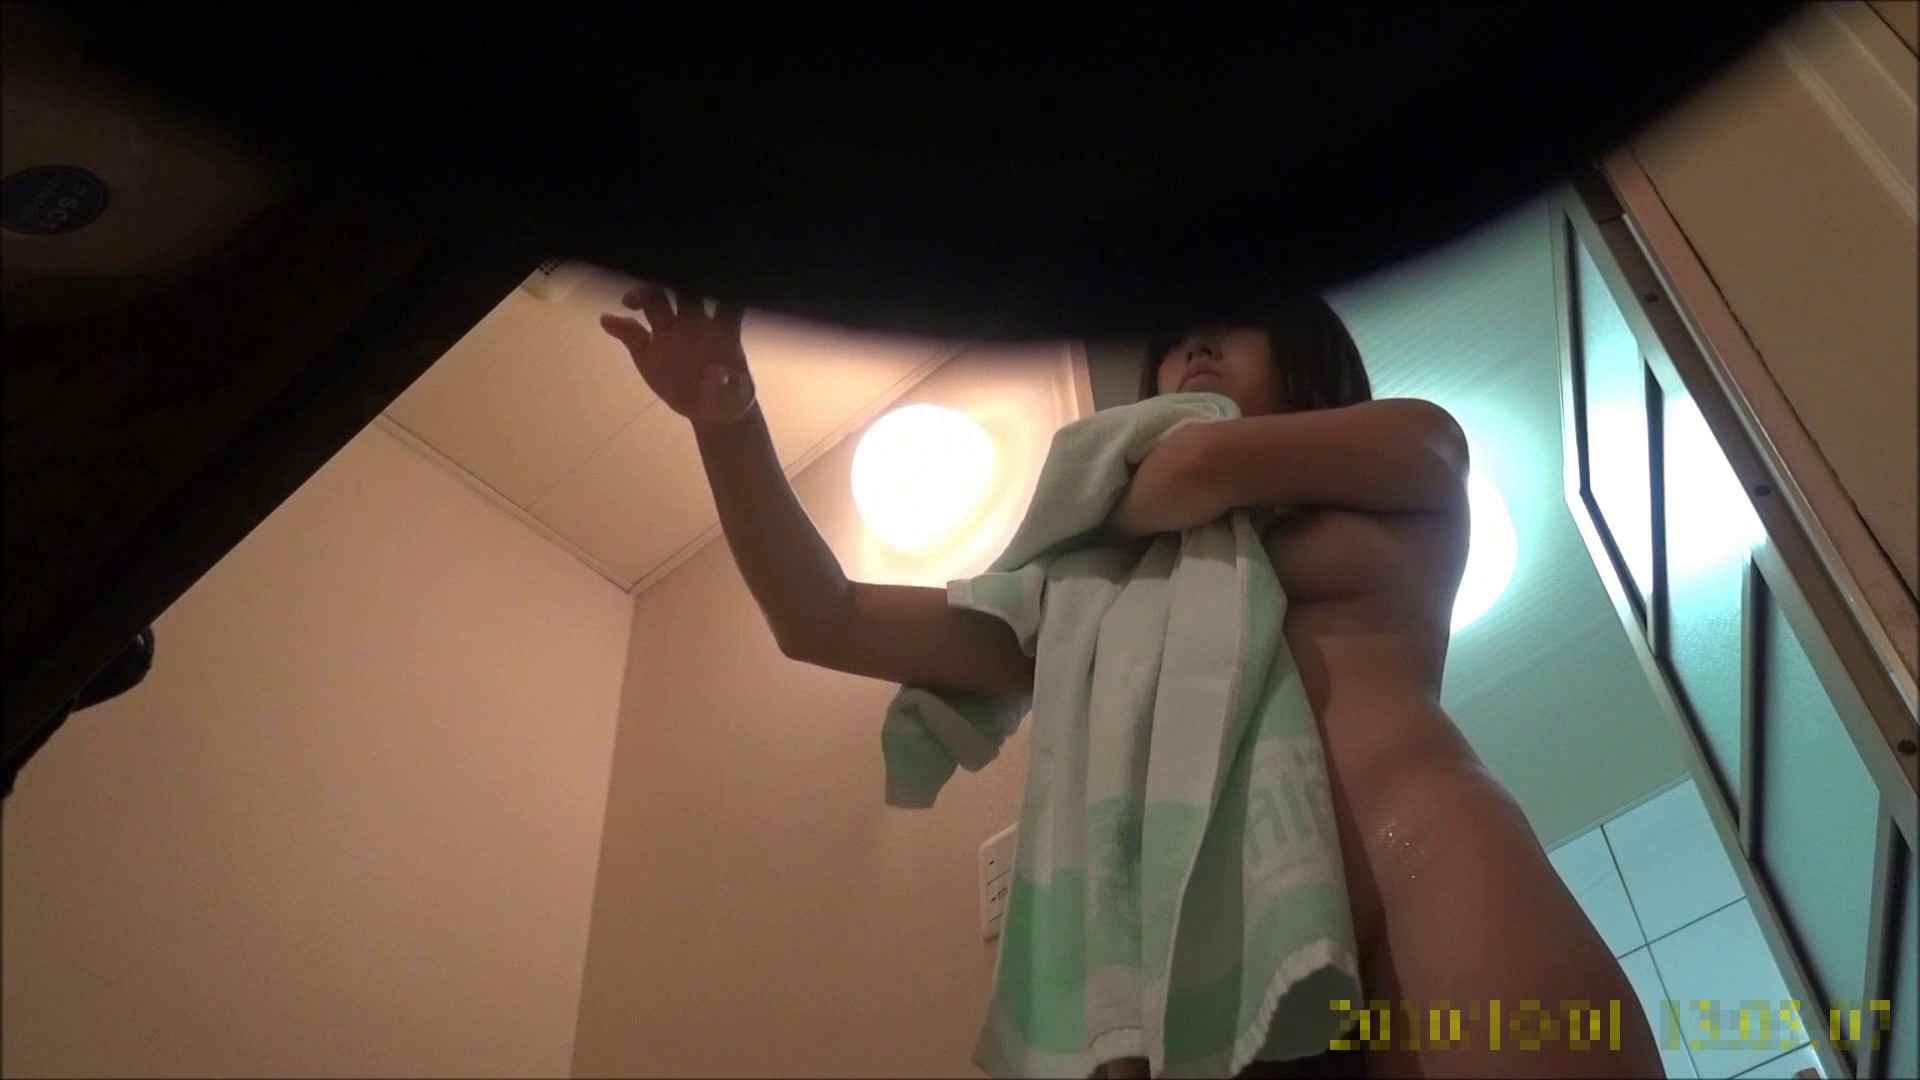 【未公開】vol.96 {茶髪→黒髪ギャル}美巨乳アミちゃん③【前編】 トイレ中   ホテル  96連発 74